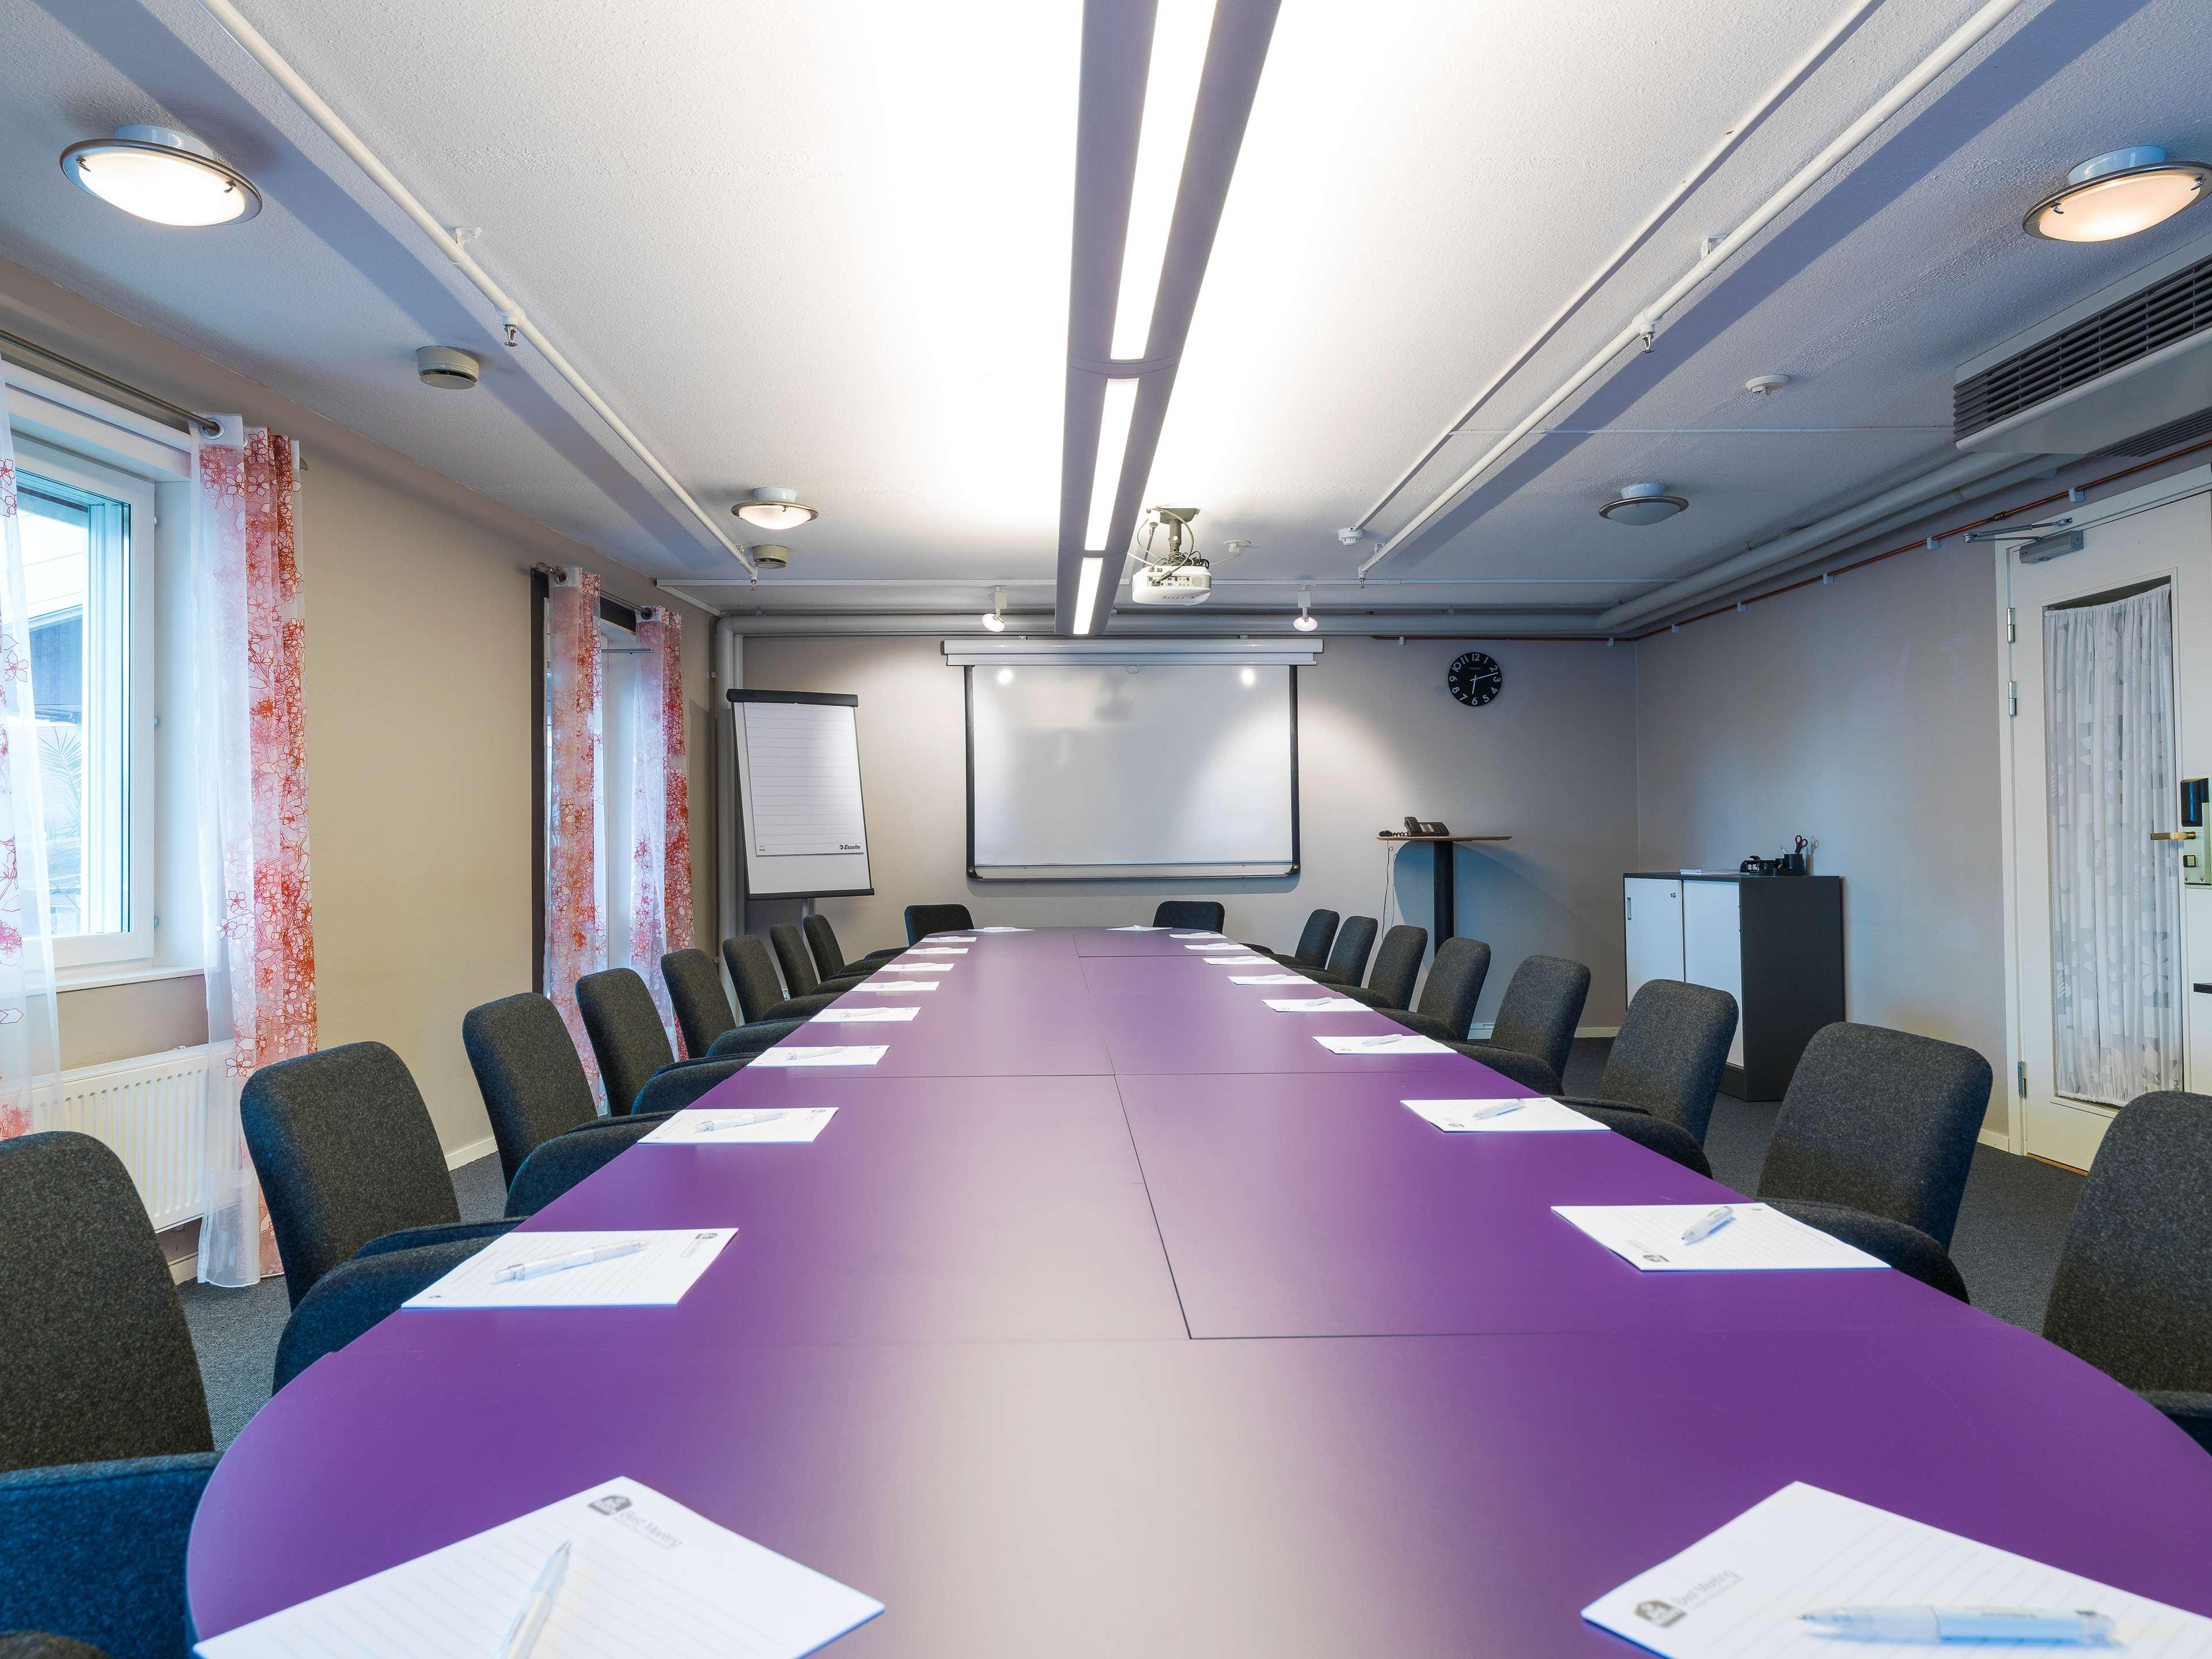 Bergakungen Meeting Room